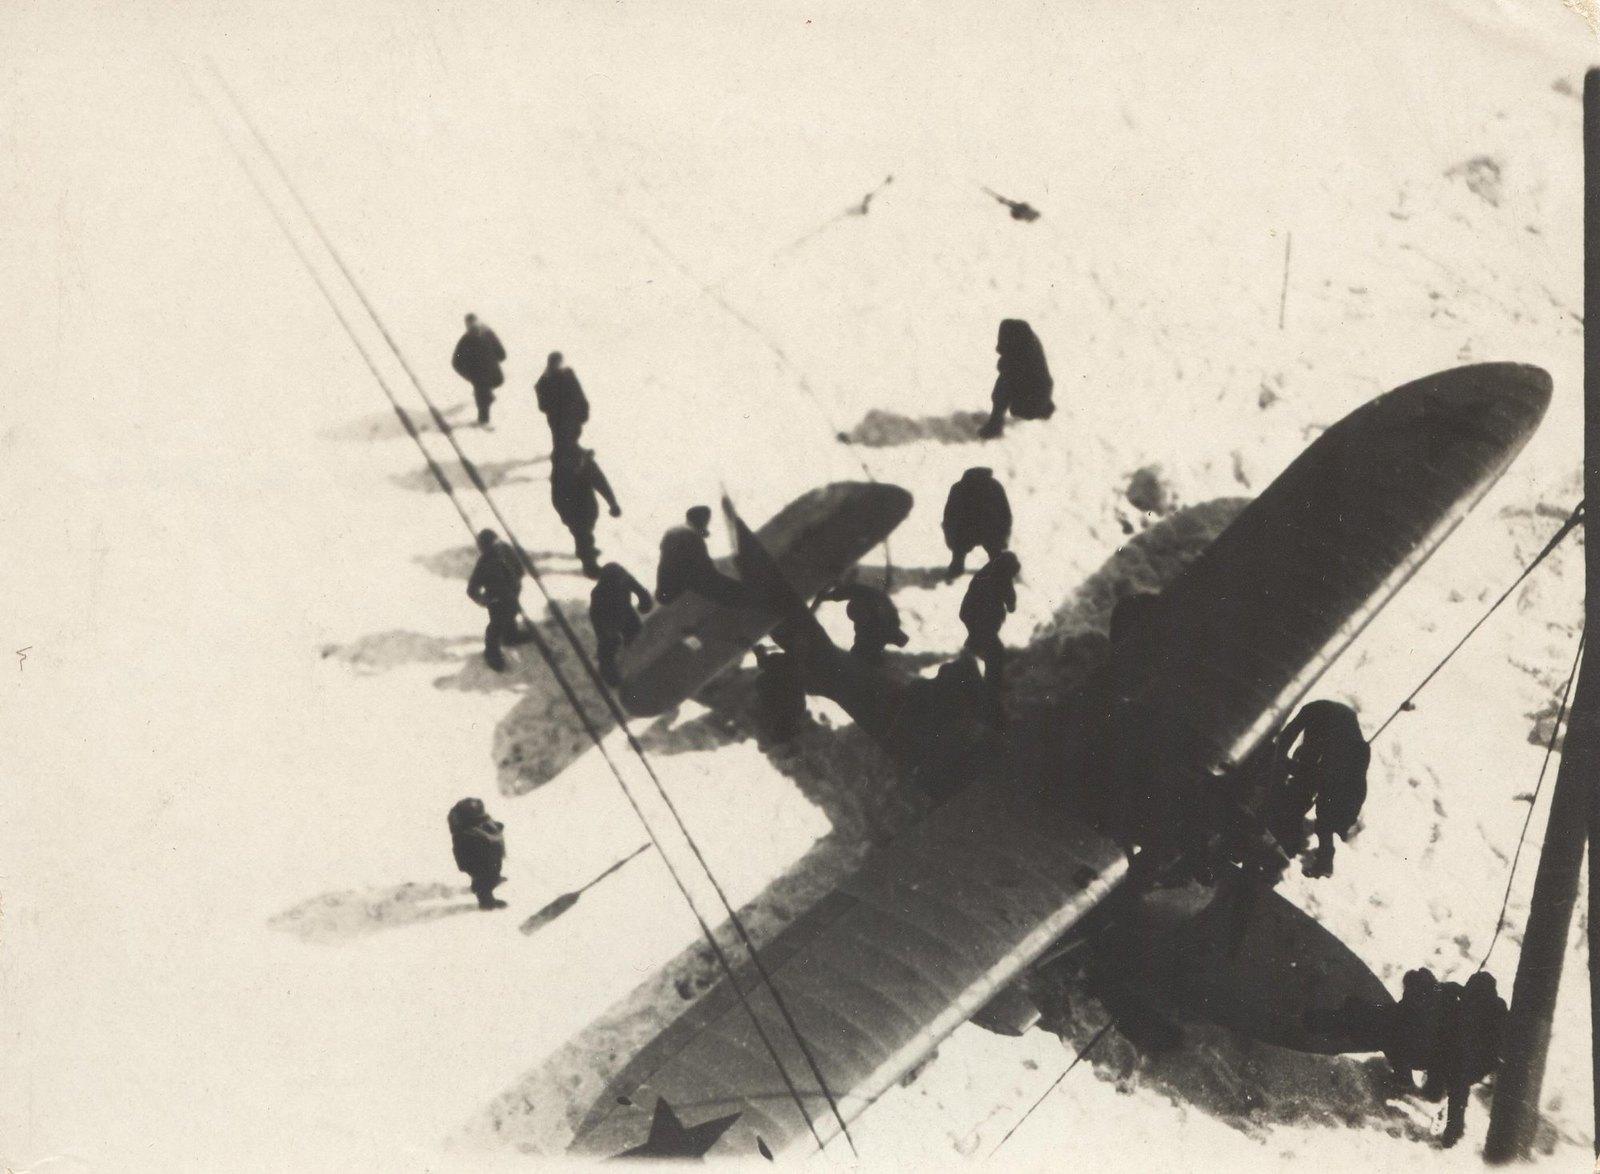 1934. Экспедиция по спасению челюскинцев. Спуск самолета-амфибии